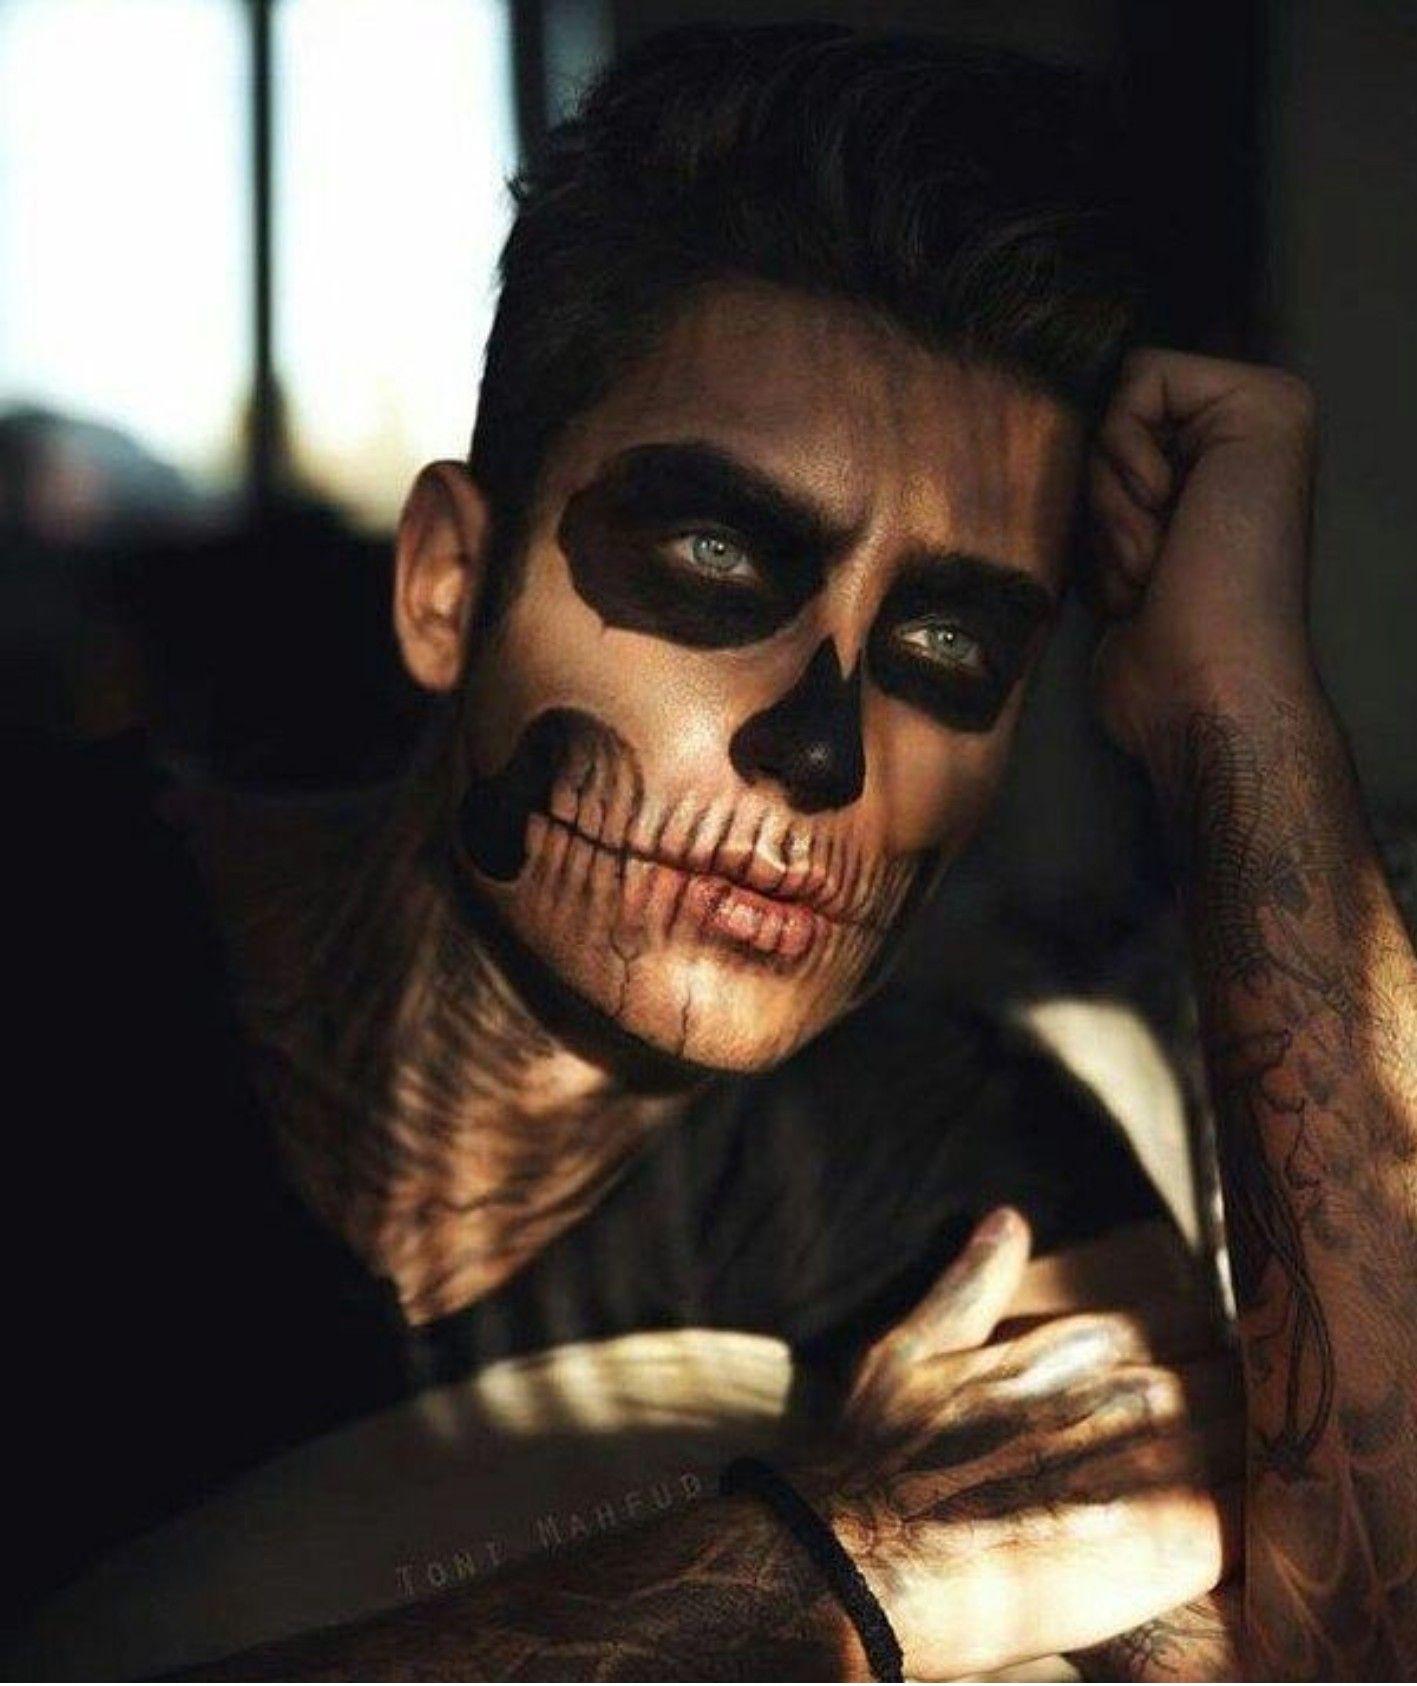 этому хэллоуин картинки мужчине манят